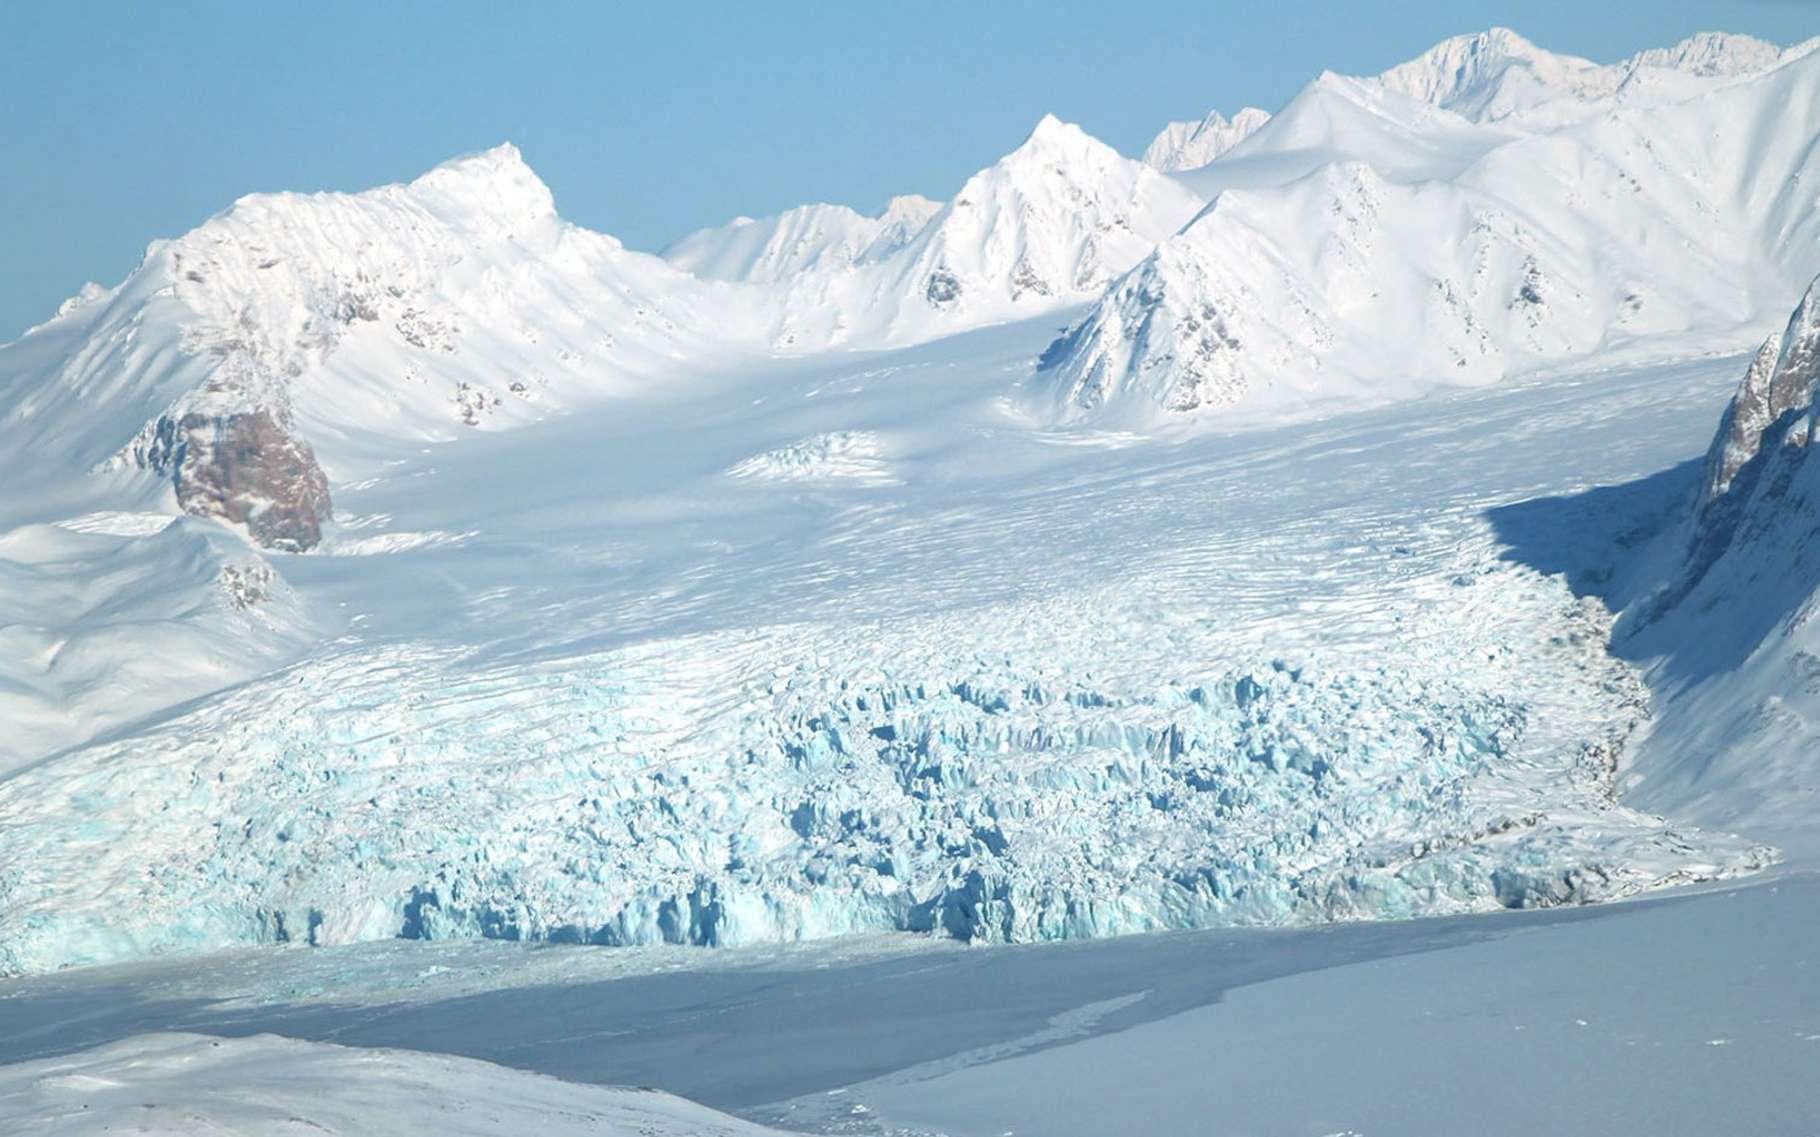 La fonte des glaces épuiserait les ressources en eau potable